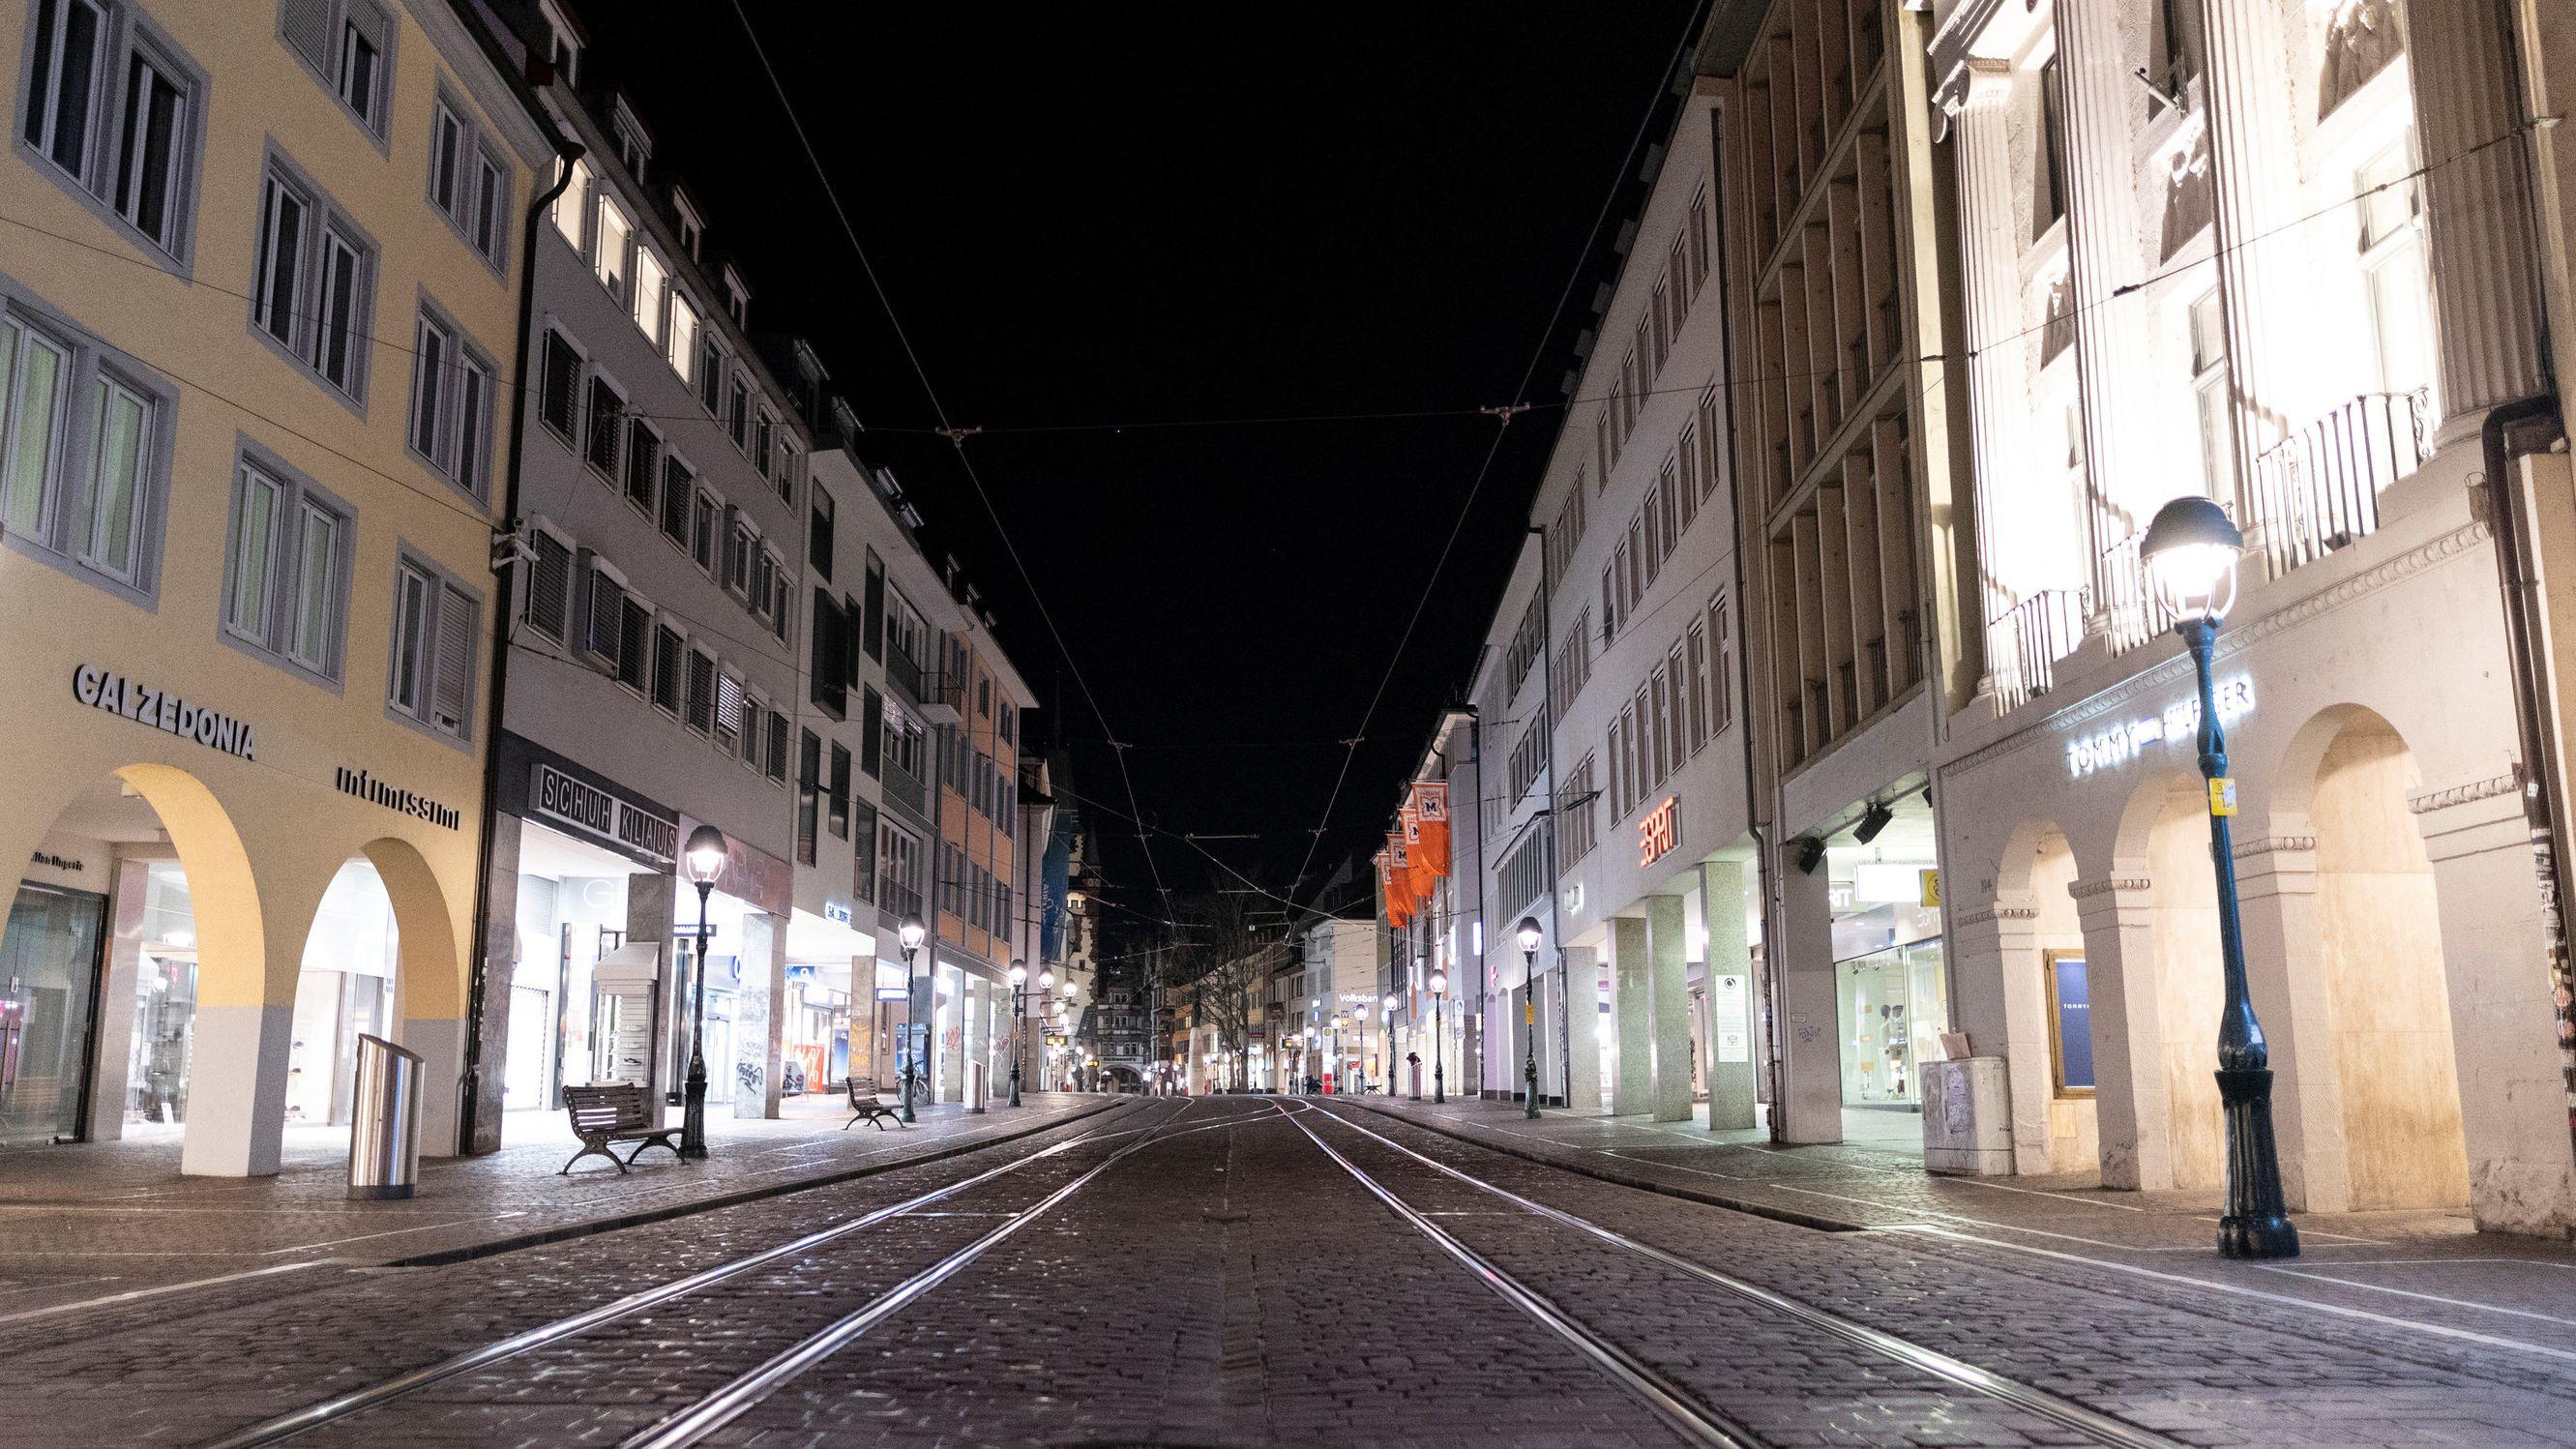 Menschenleere Fußgängerzone in der Freiburger Innenstadt.